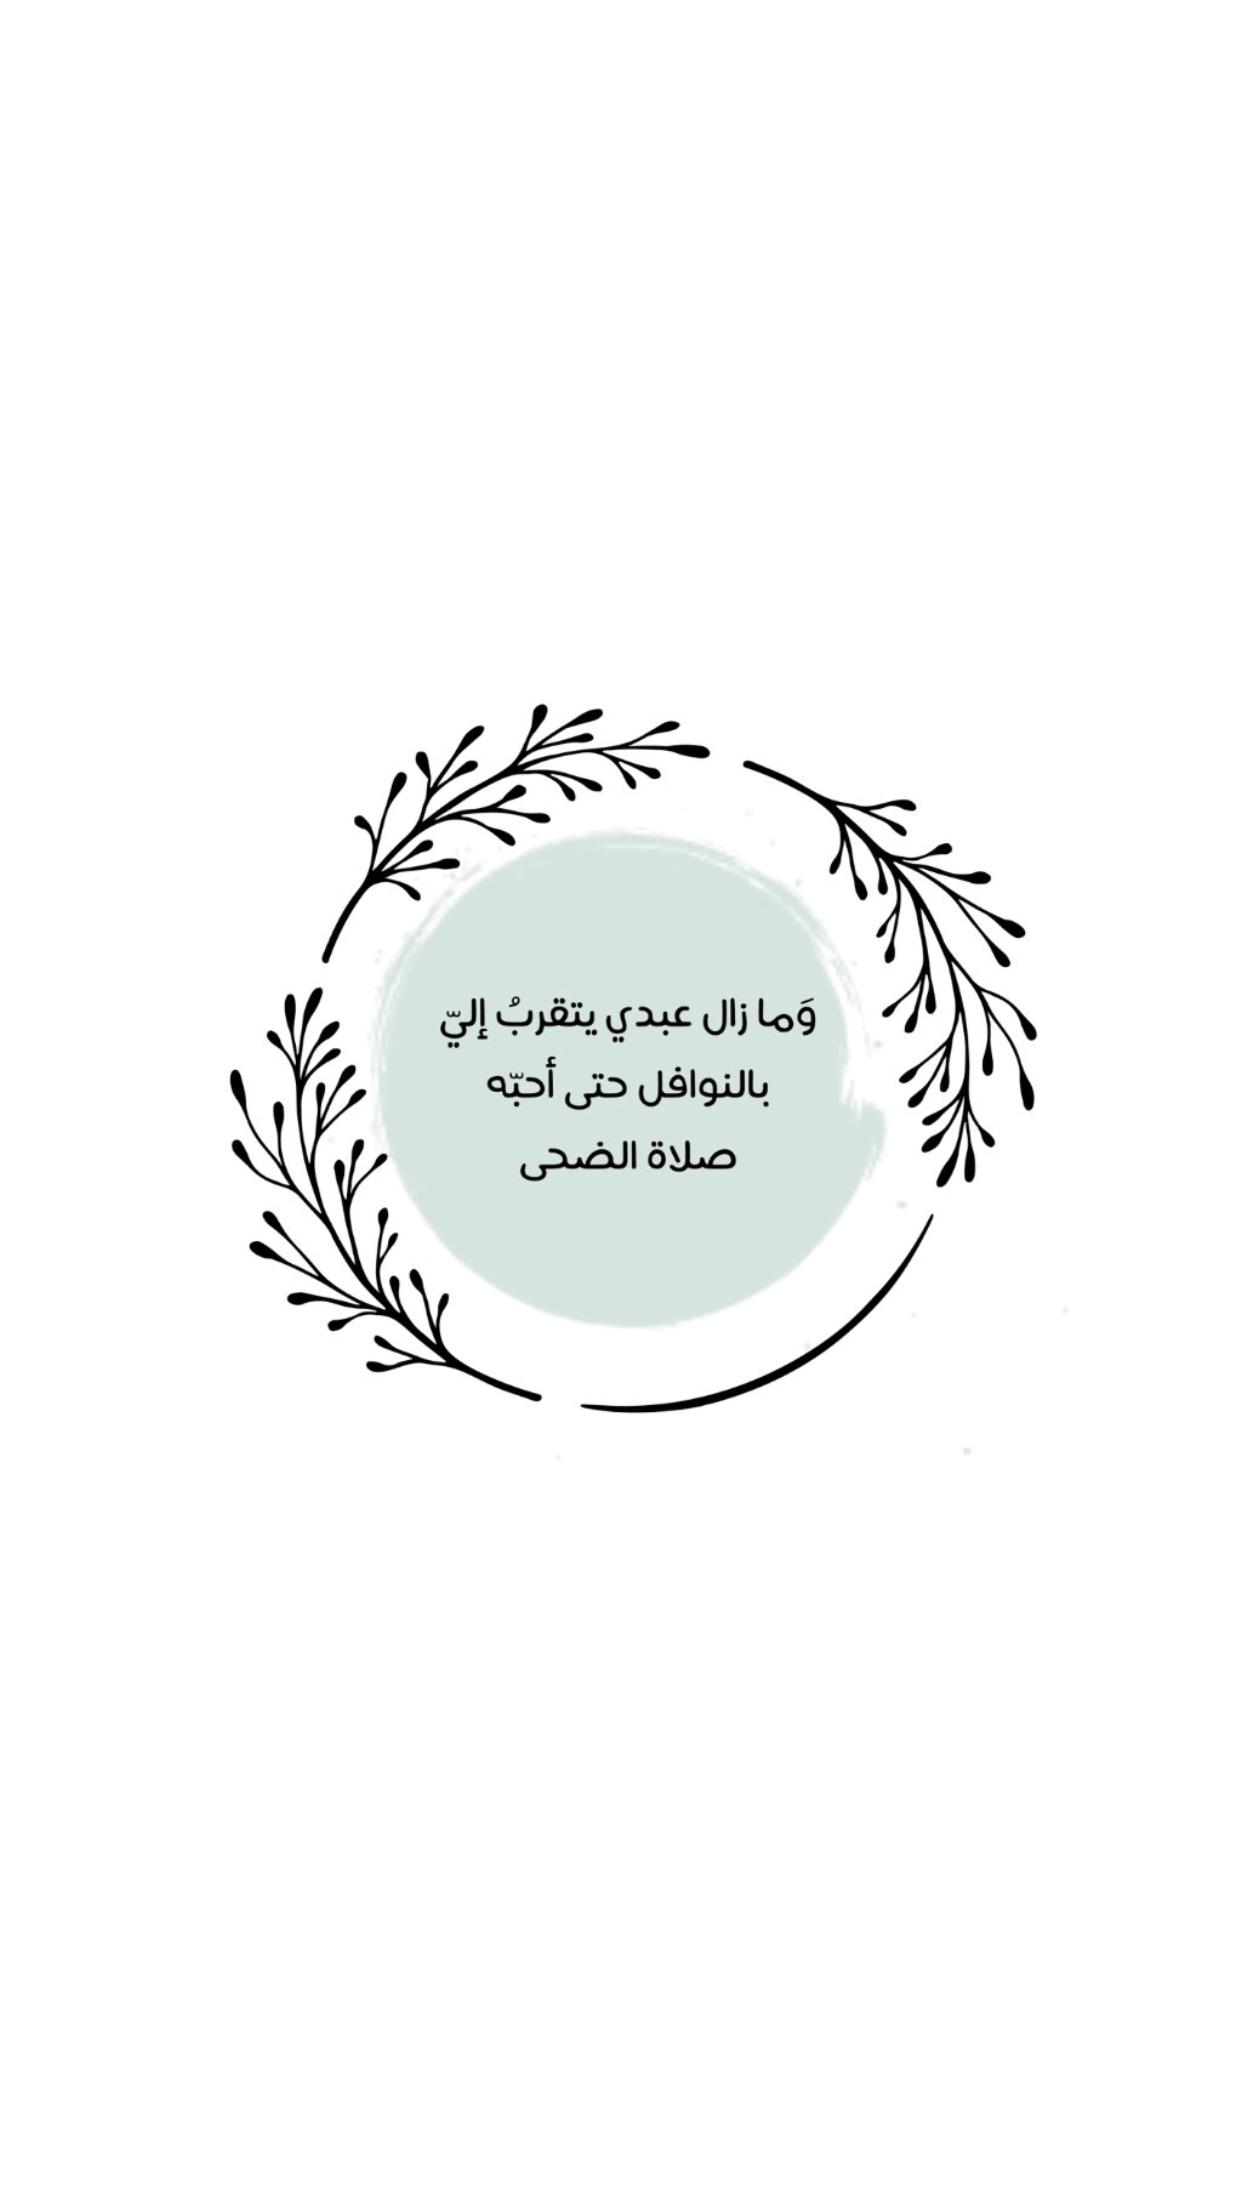 صلاة الضحى Quran Quotes Beautiful Arabic Words Islamic Phrases